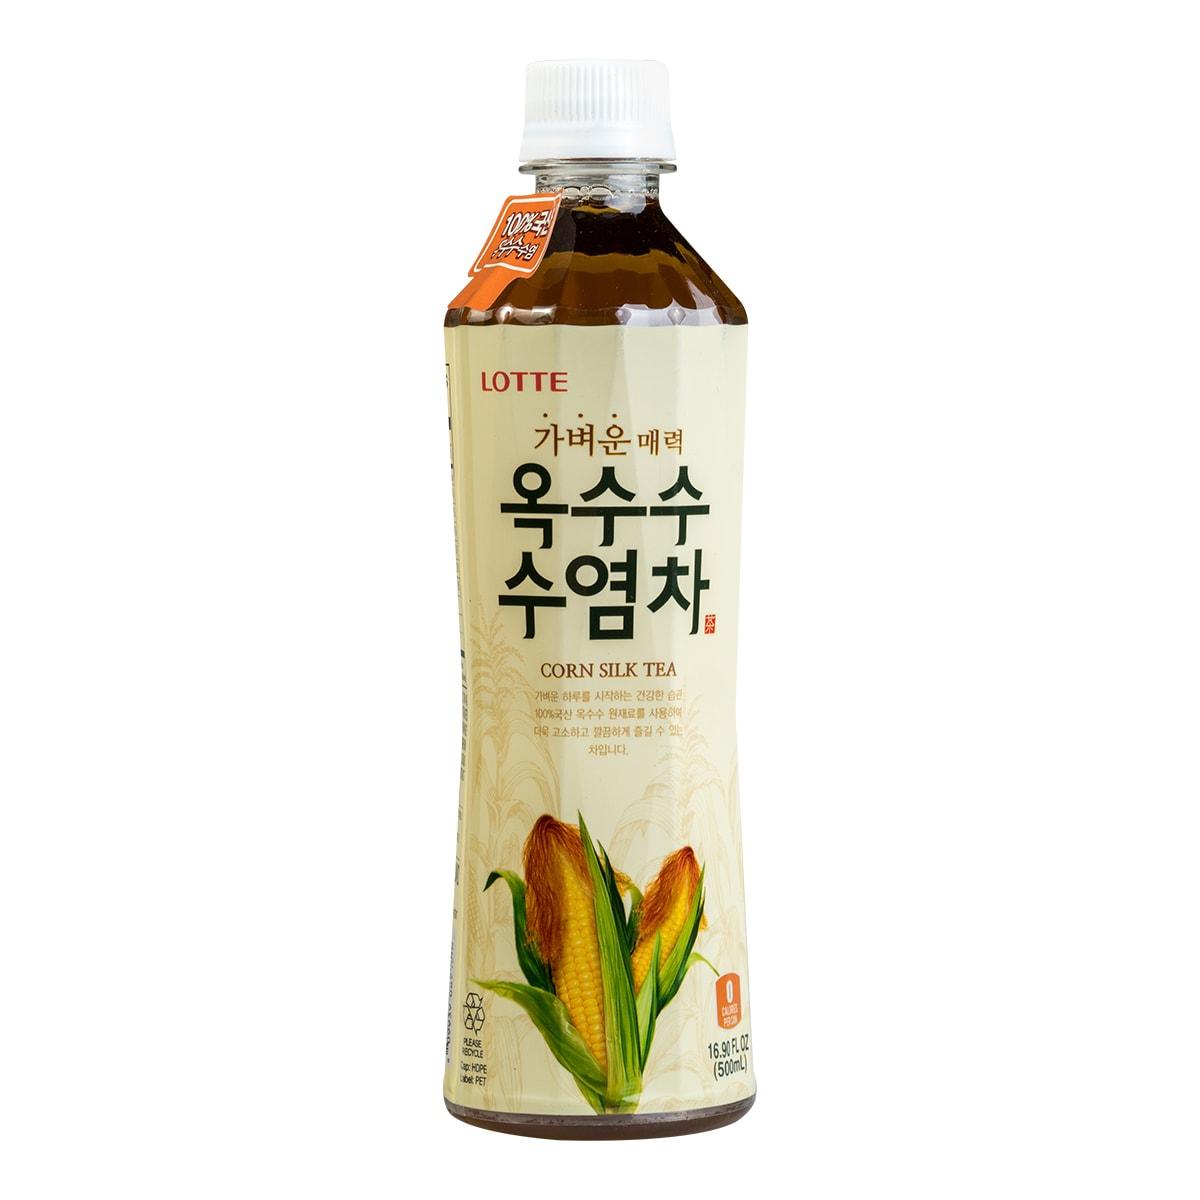 韩国LOTTE乐天 零卡路里养生玉米须茶 500ml